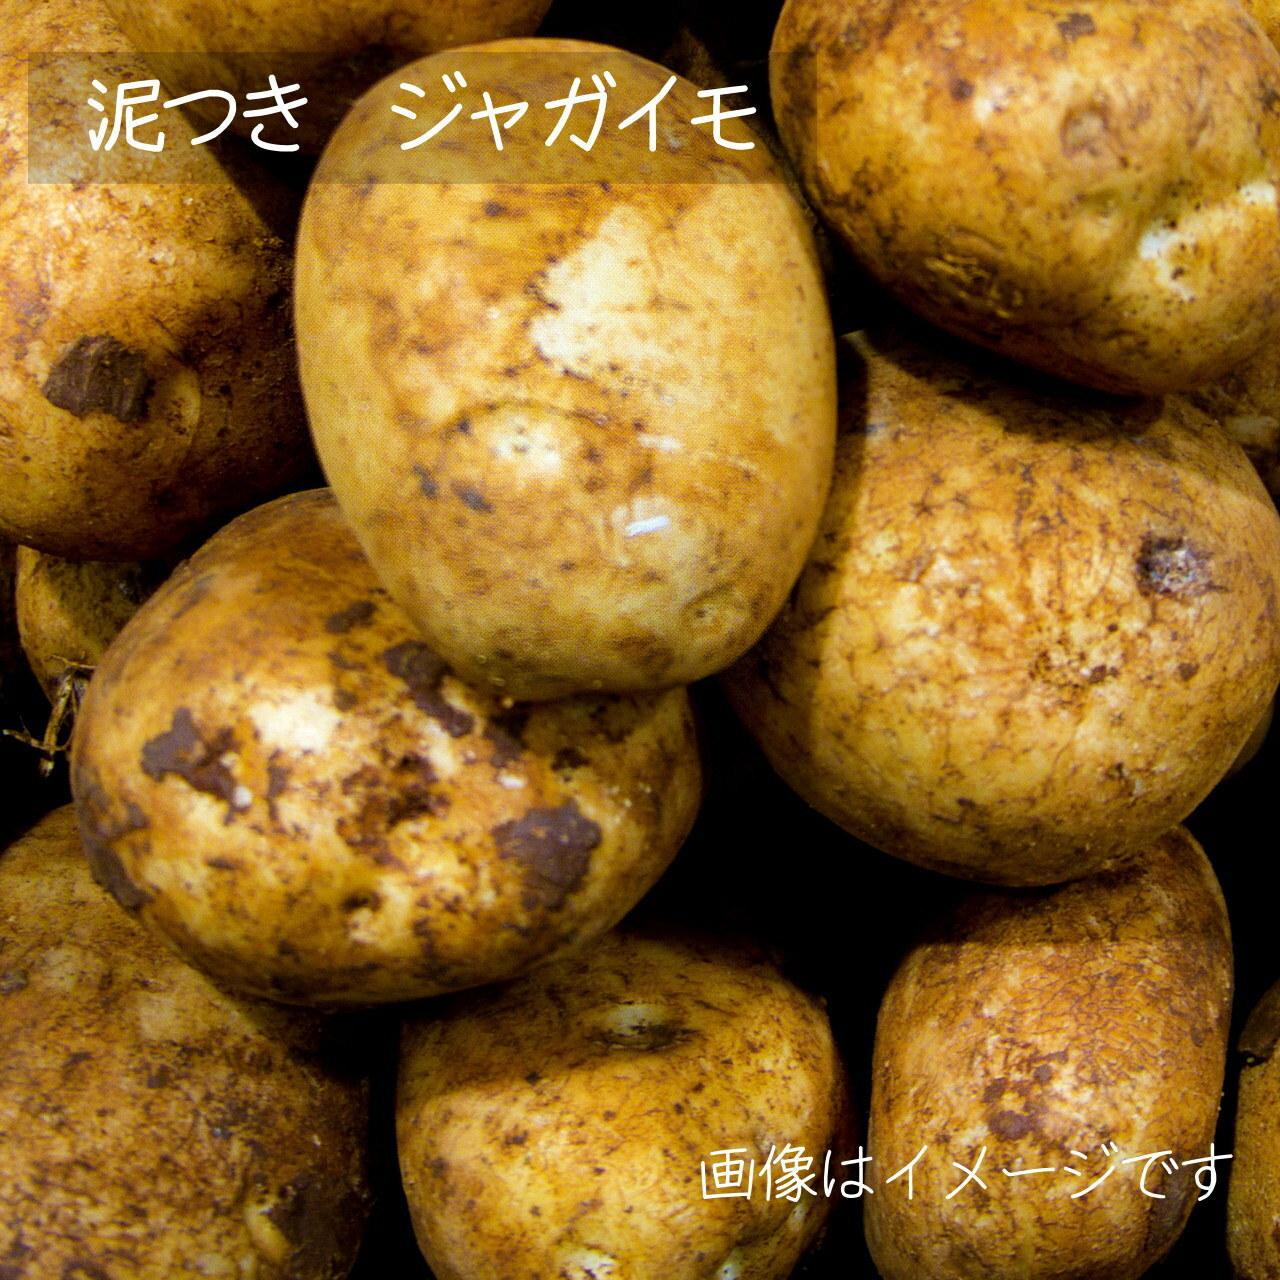 6月の朝採り直売野菜 : ジャガイモ 約600g 春の新鮮野菜 6月20日発送予定